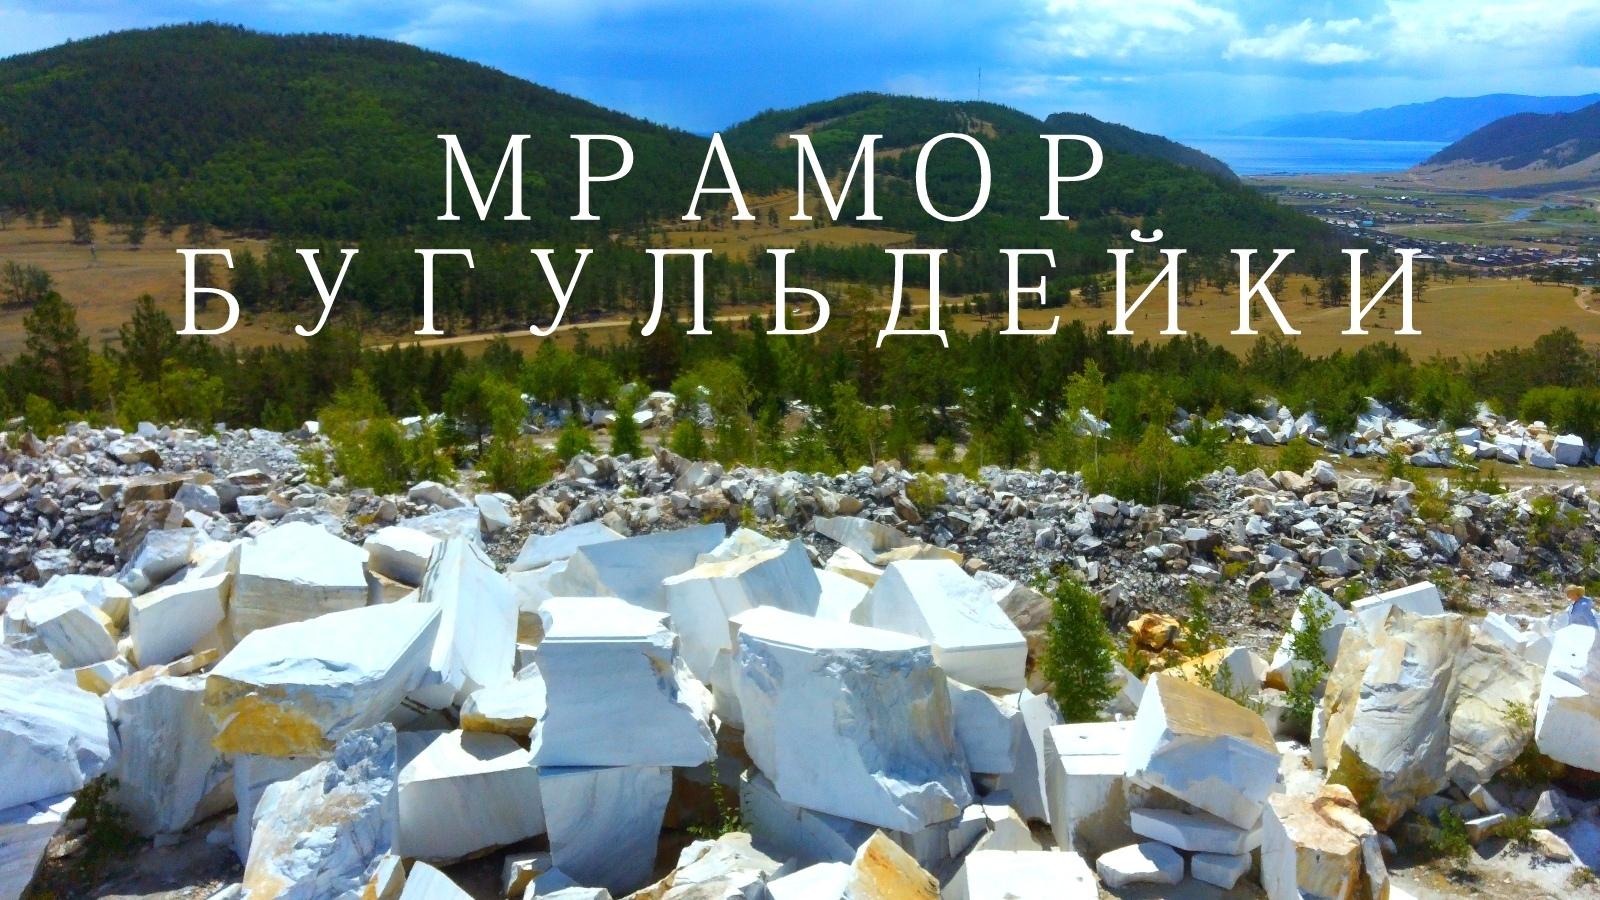 Мраморный карьер на Байкале .Мишкина гора в Бугульдейке.